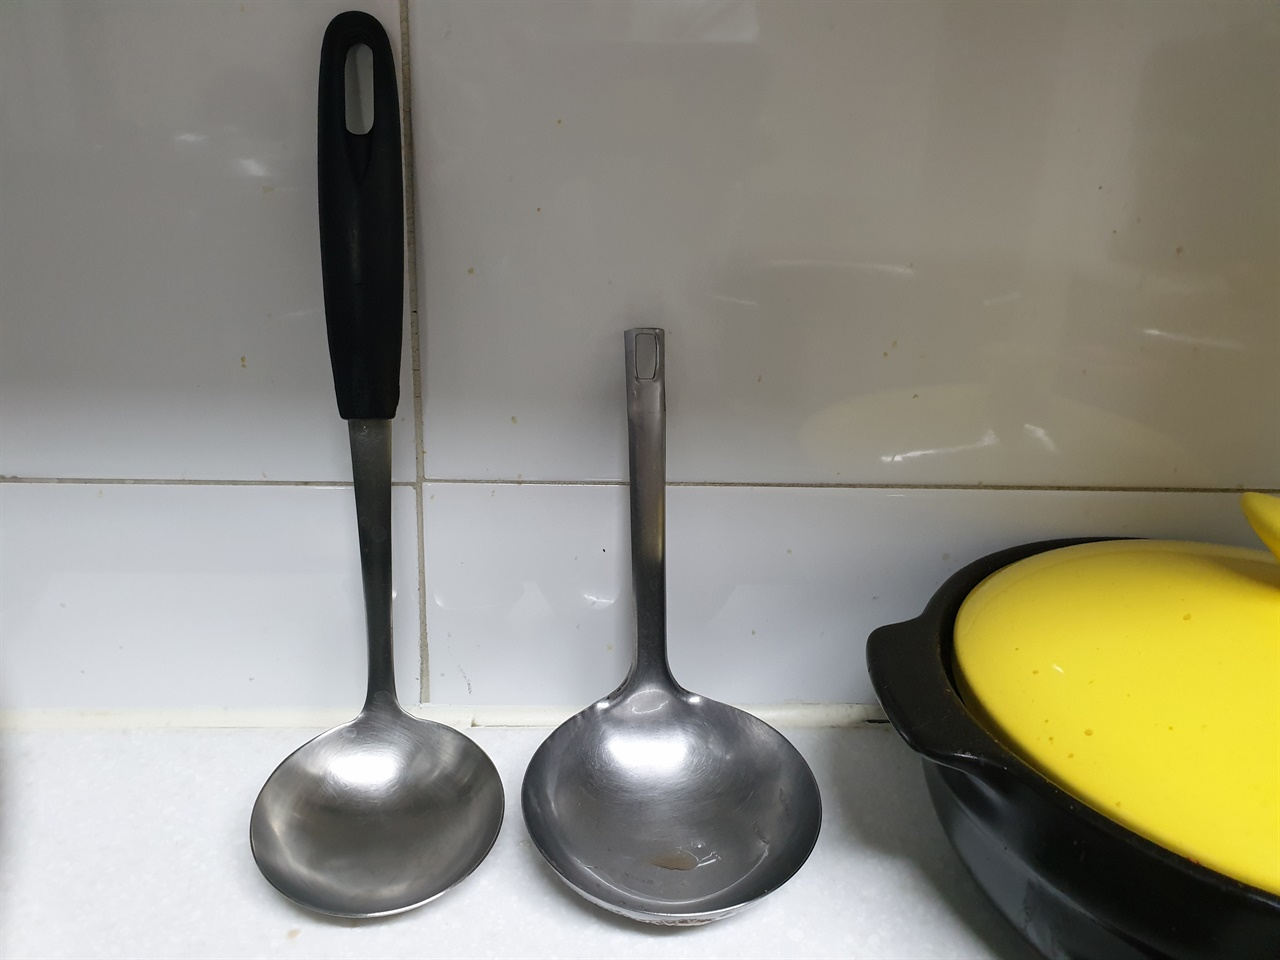 엄마의 주방용품-손잡이 없는 국자  엄마는 손잡이가 없는 국자를 김치통에 넣고 쓰기 좋다고 버리지 않고 지금껏 쓰고 있다.